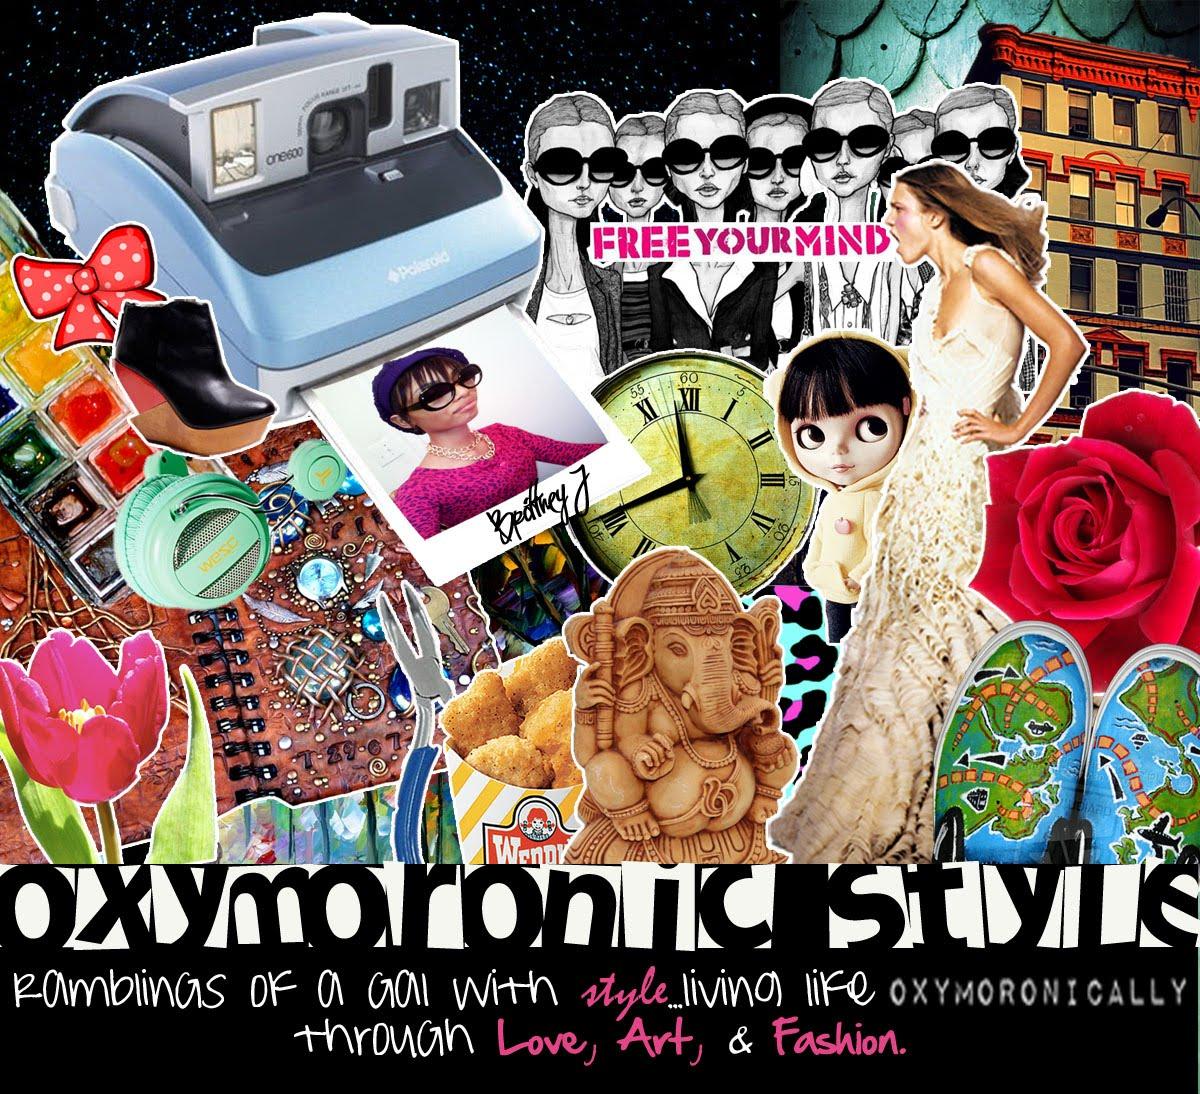 Oxymoronic Style